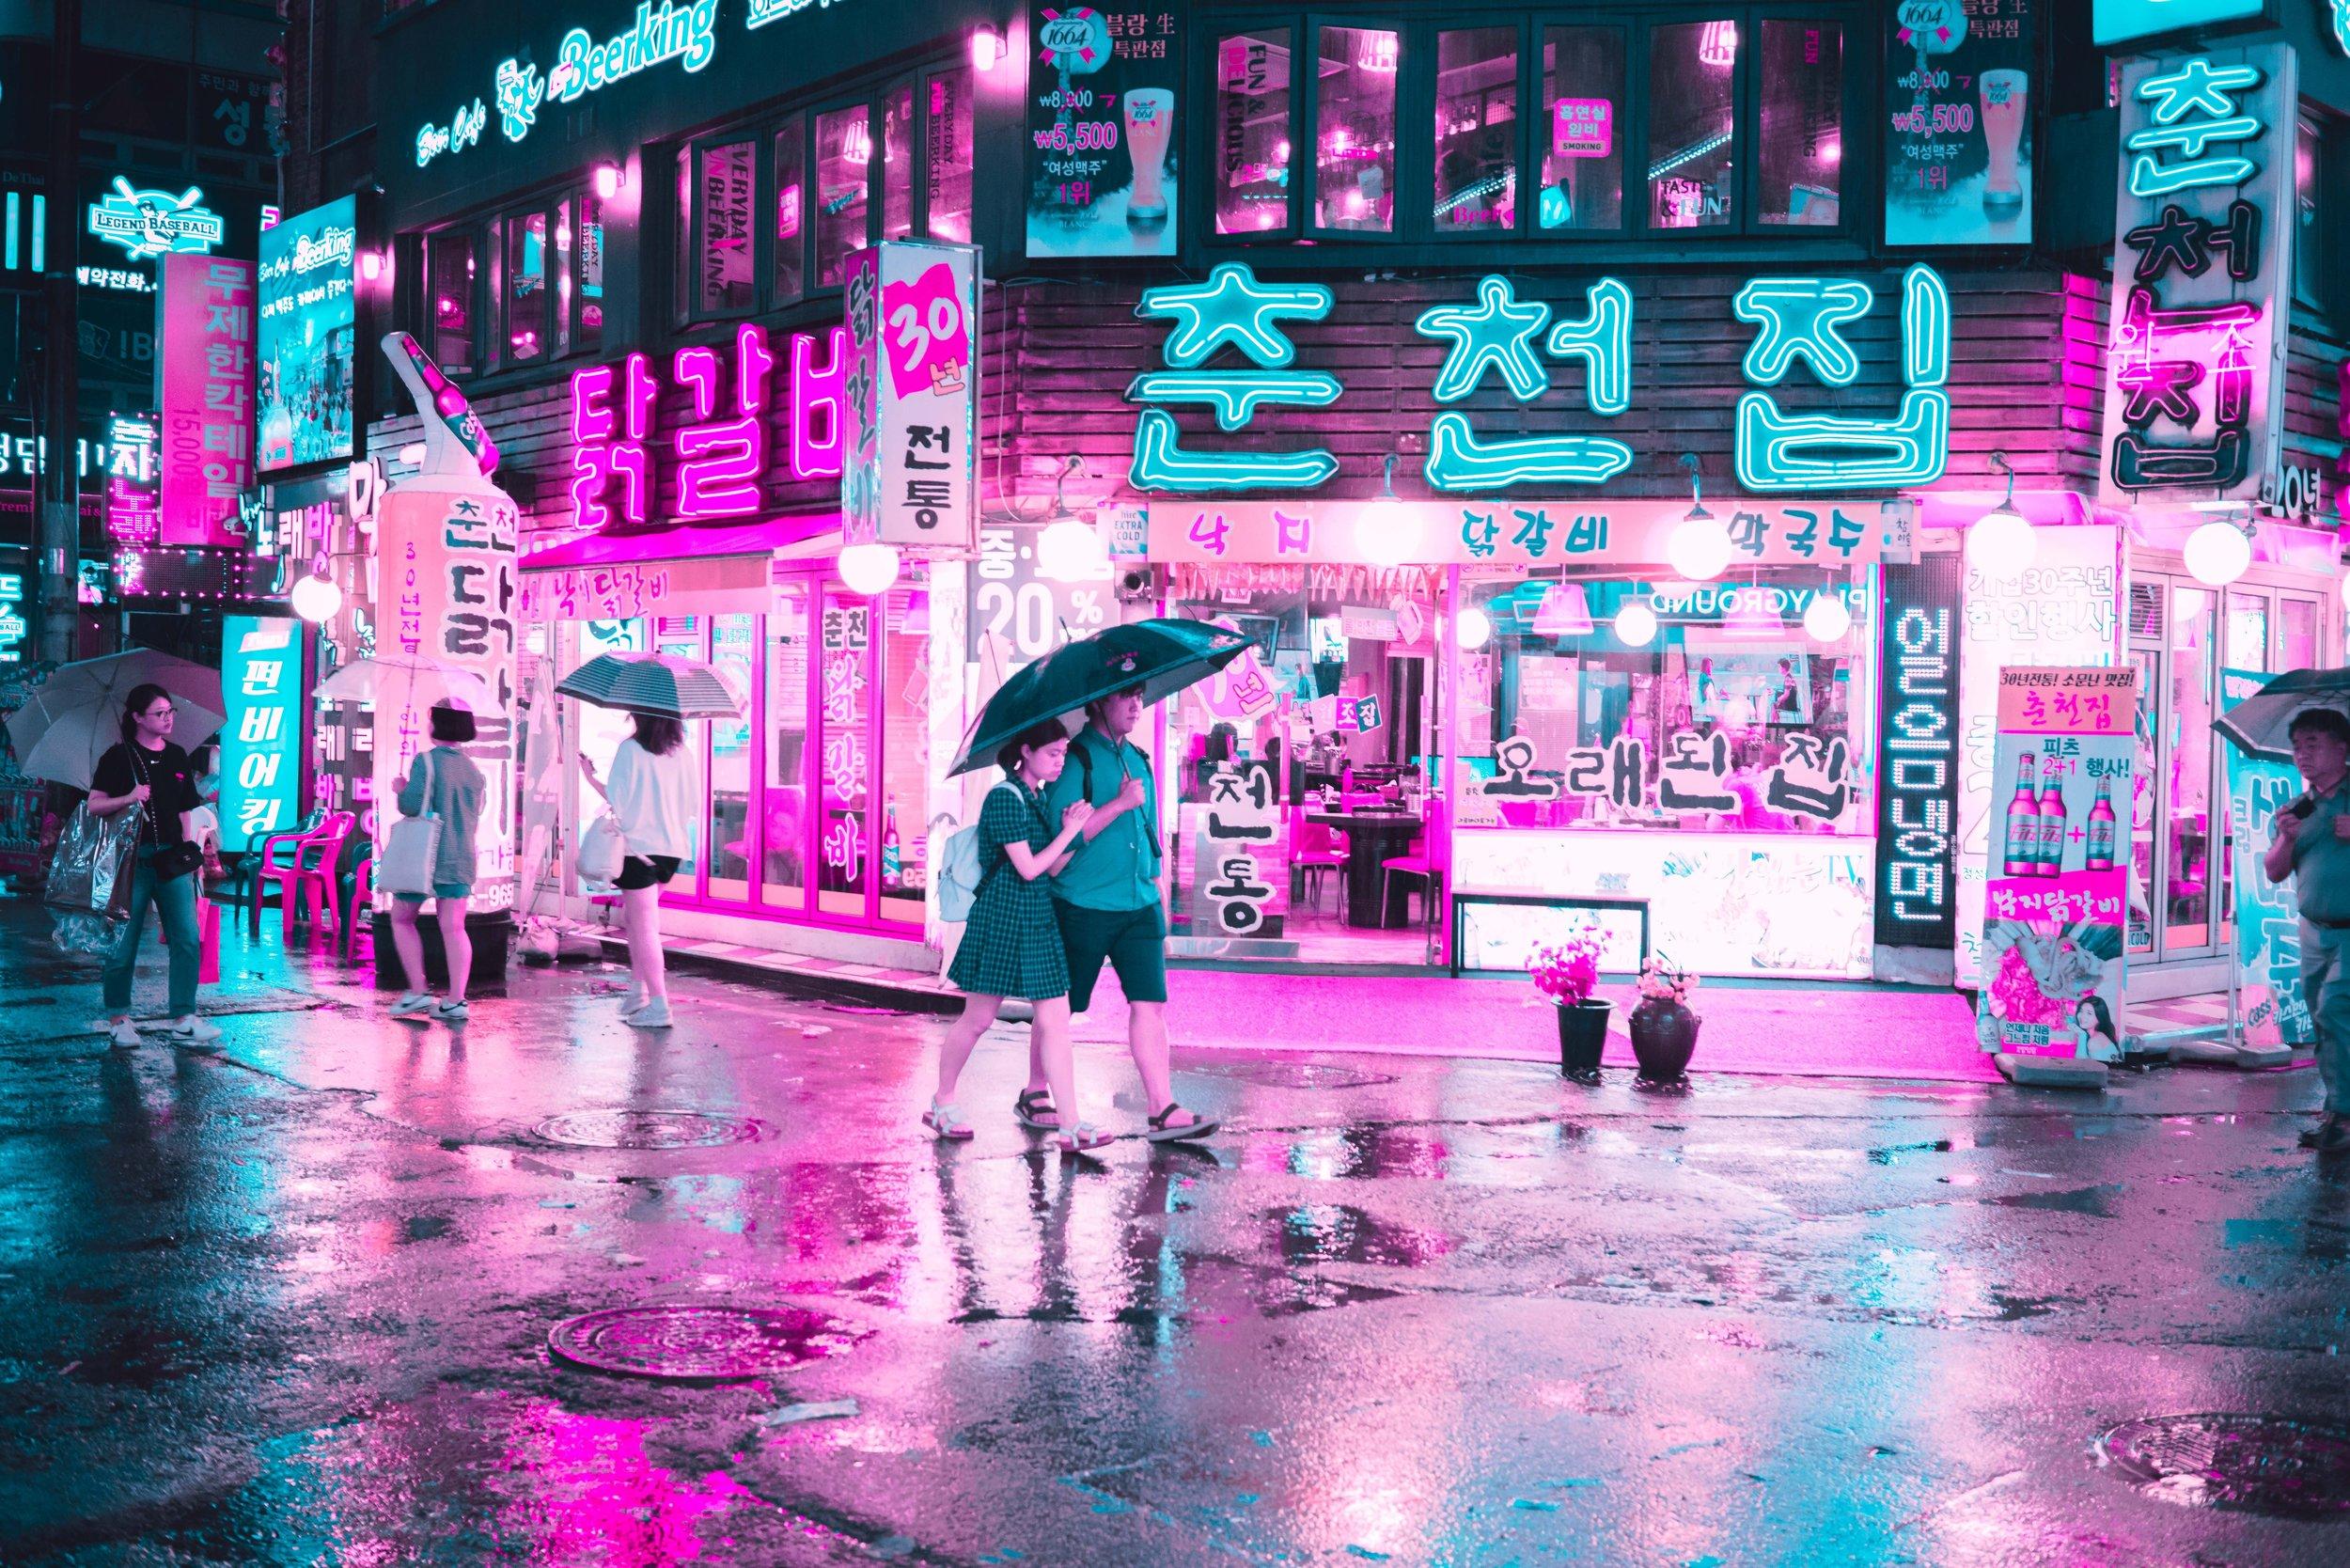 Best-Drinking-Spots-in-Seoul